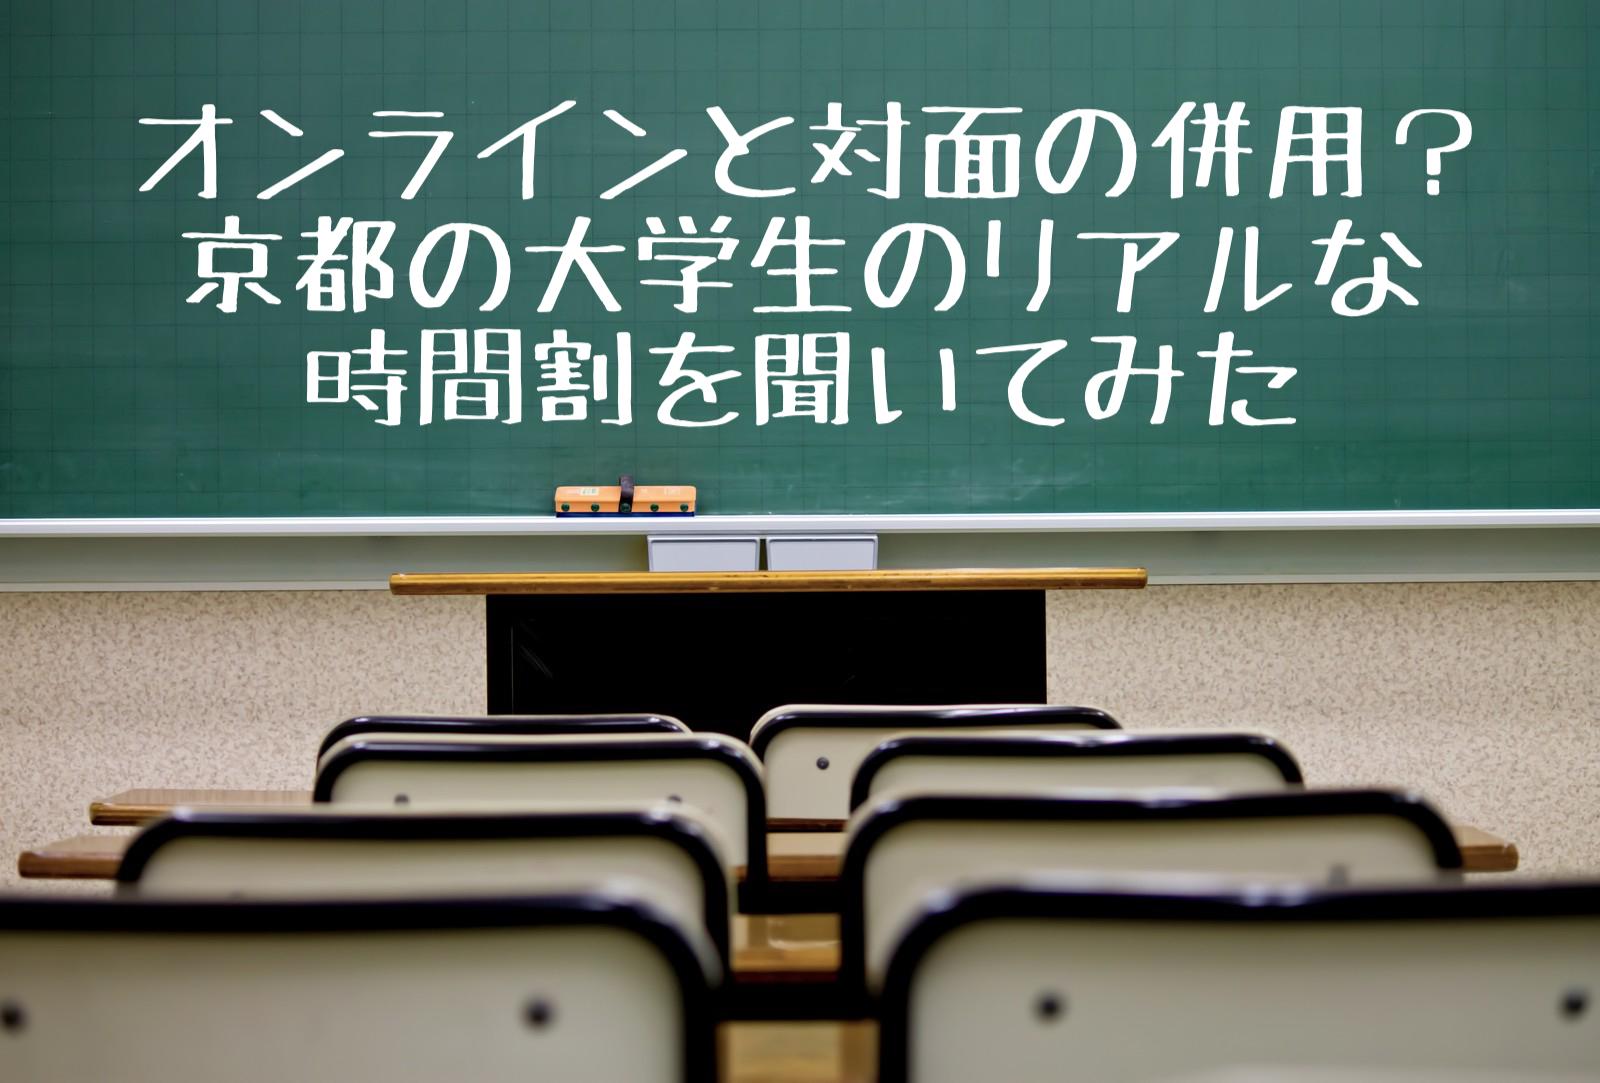 オンラインと対面の併用?京都の大学生のリアルな時間割を聞いてみた